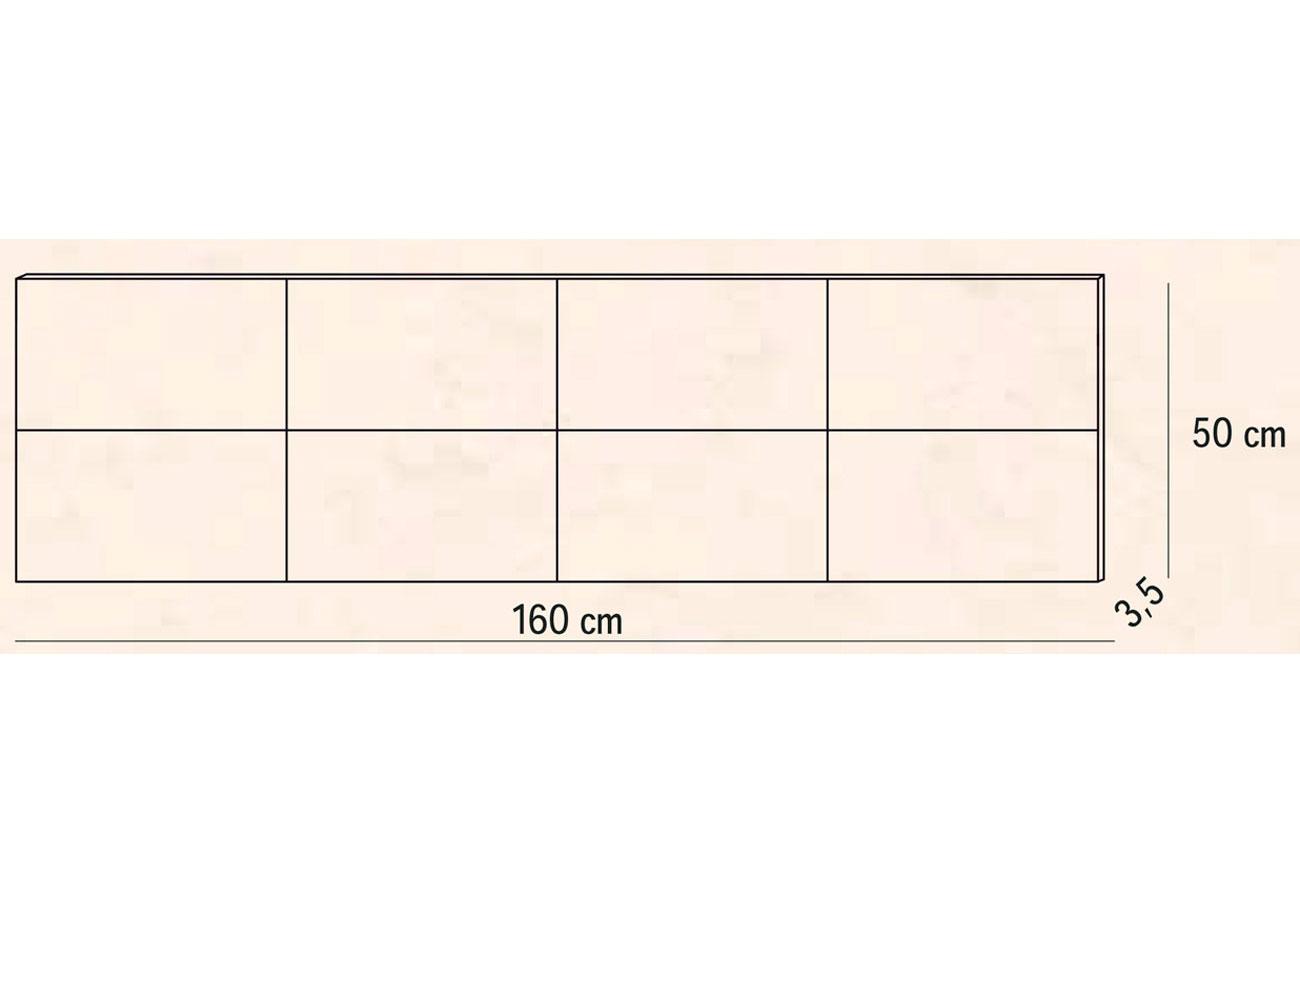 Cabecero matrimonio tapizado 160 cm pu deva